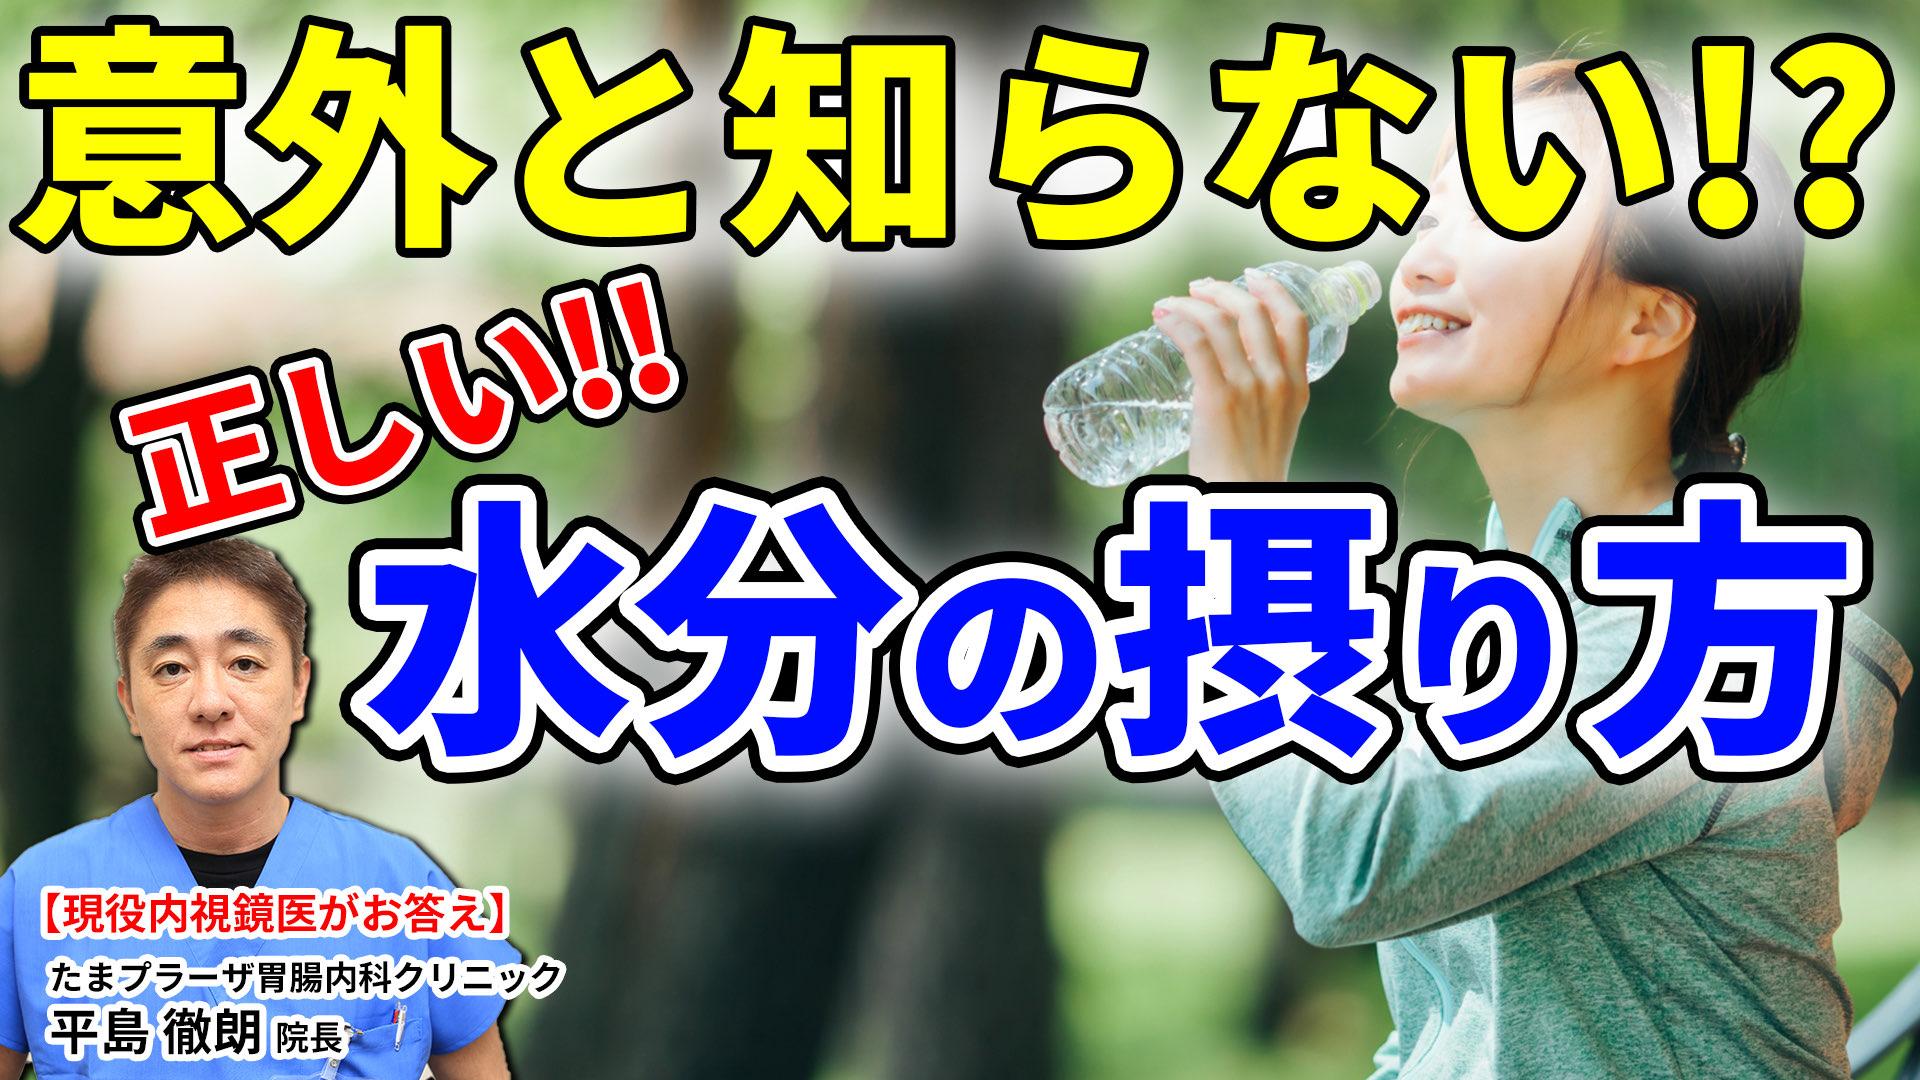 水分の正しい摂り方って知っていますか?水分って一気に飲むと効果なし?!